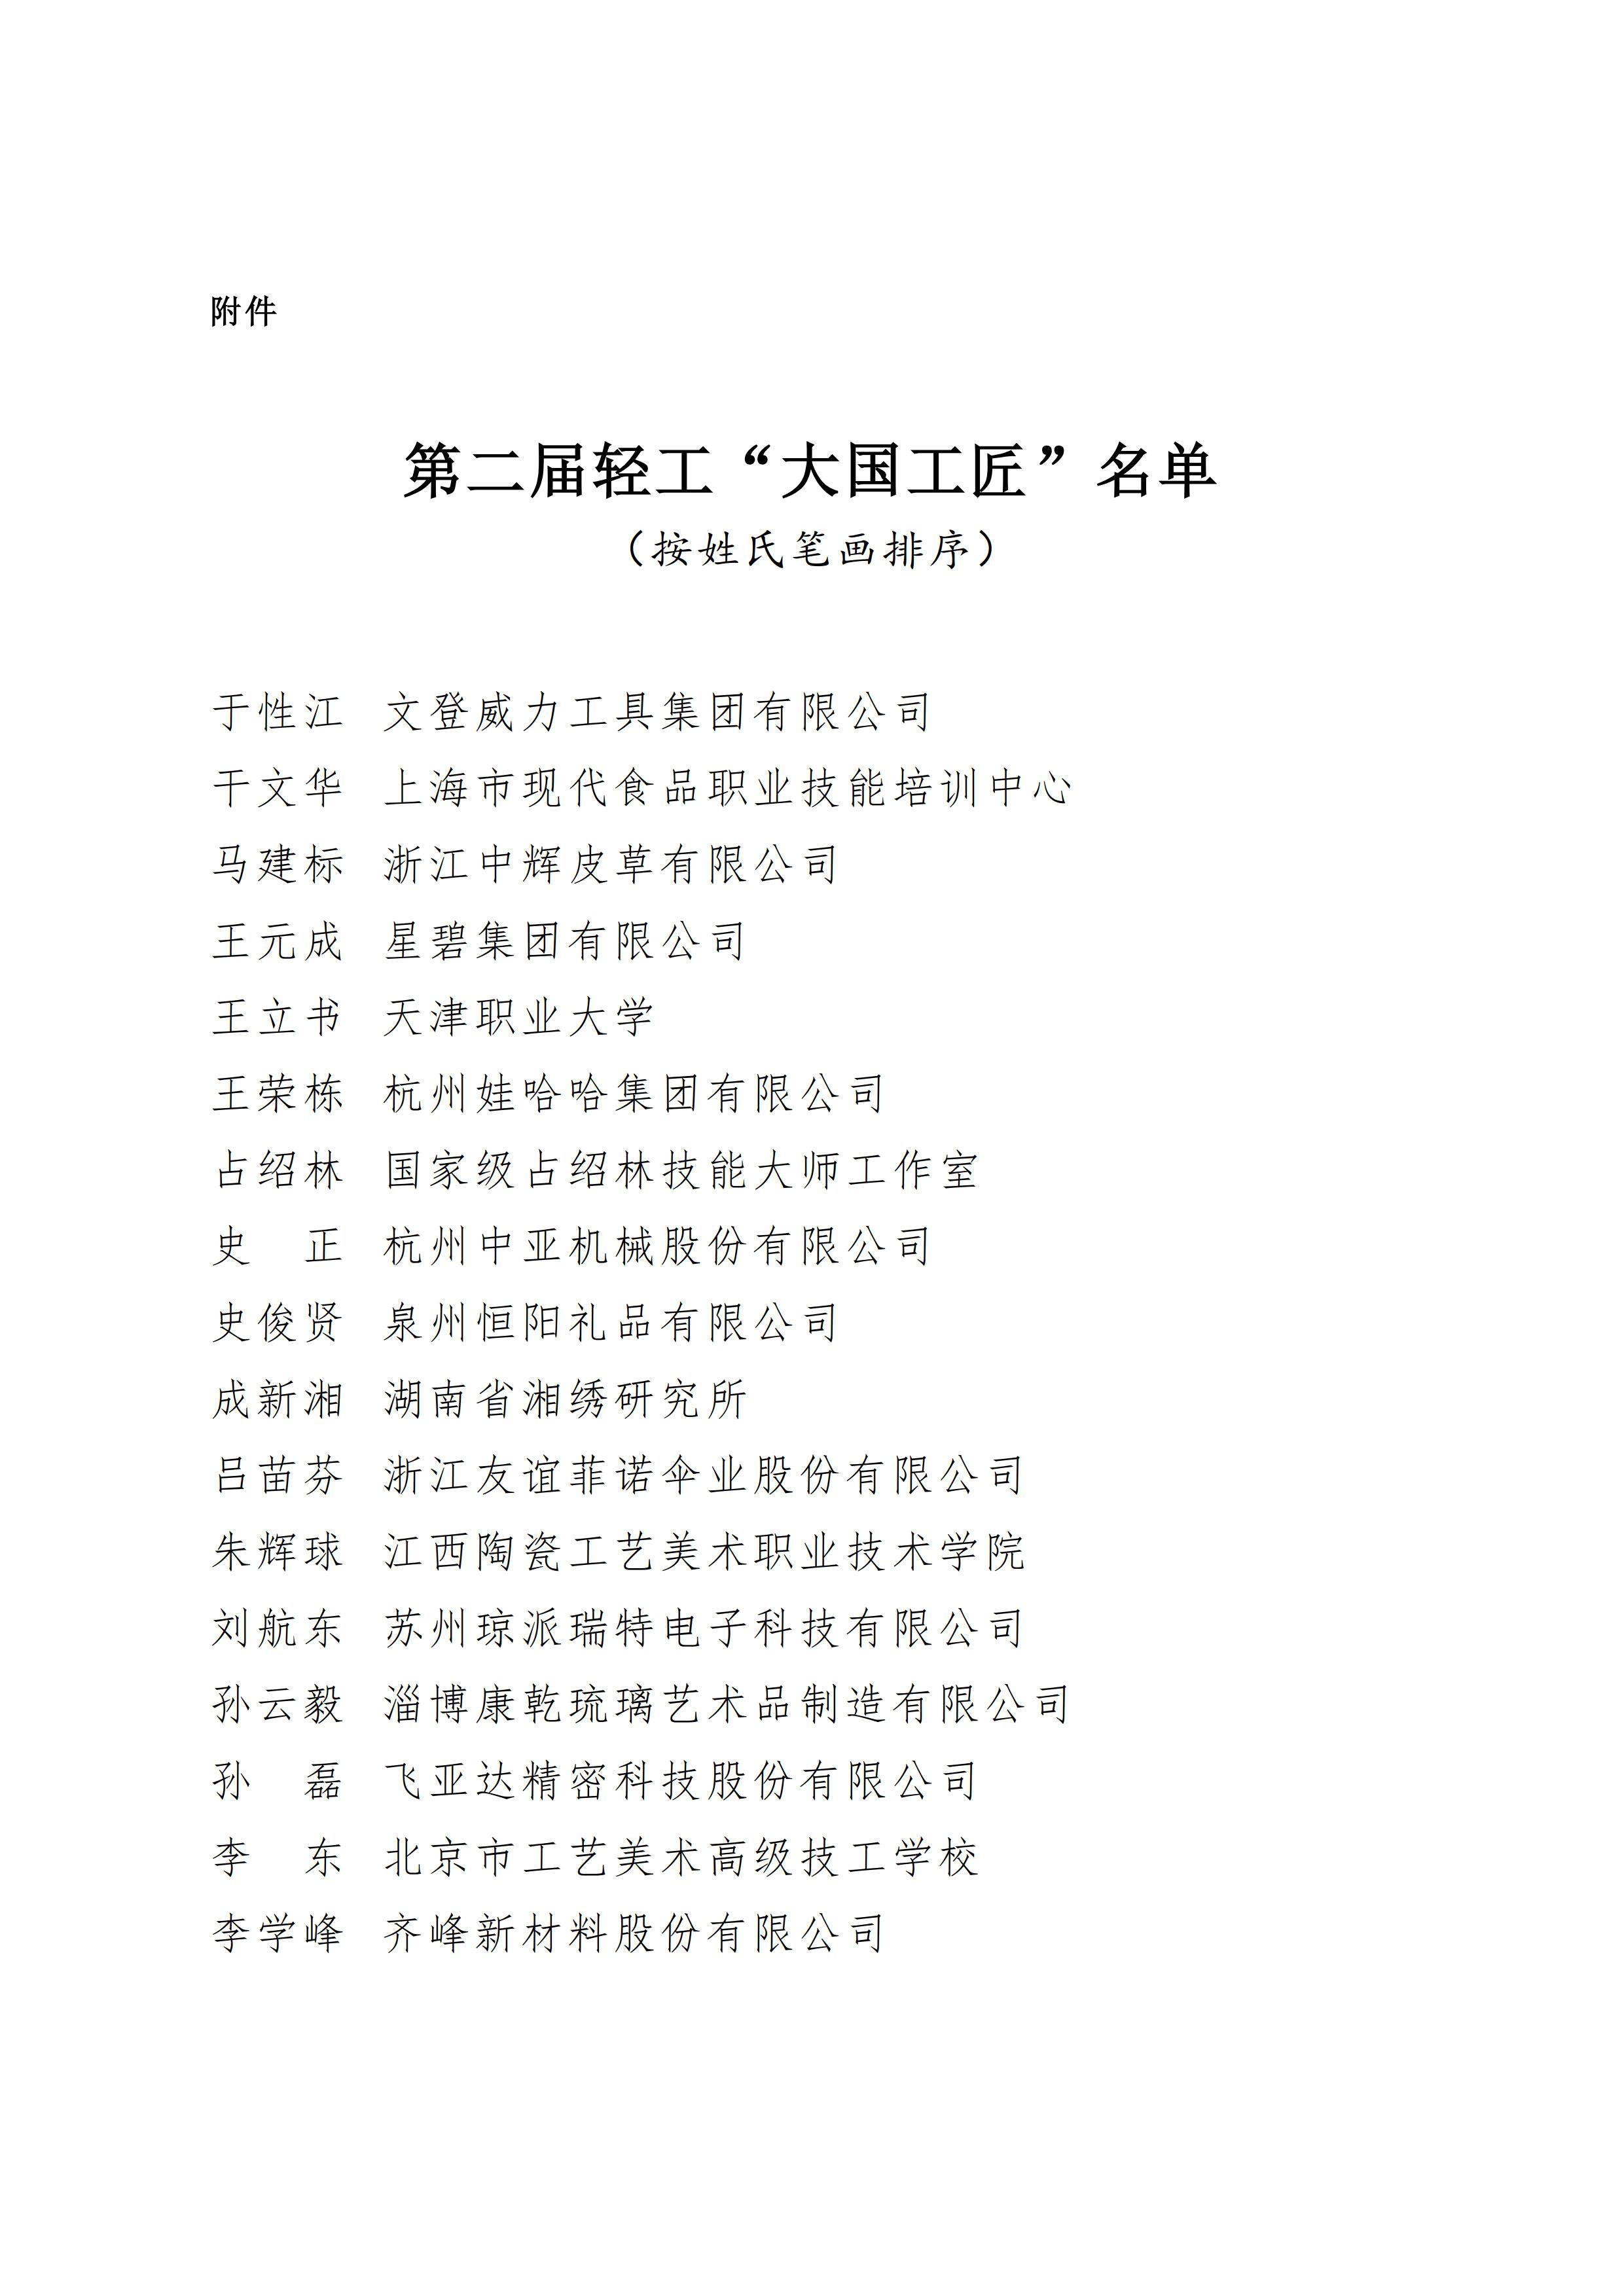 """第二届轻工""""大国工匠""""名单公示(带文头)(仿宋)_2.jpg"""